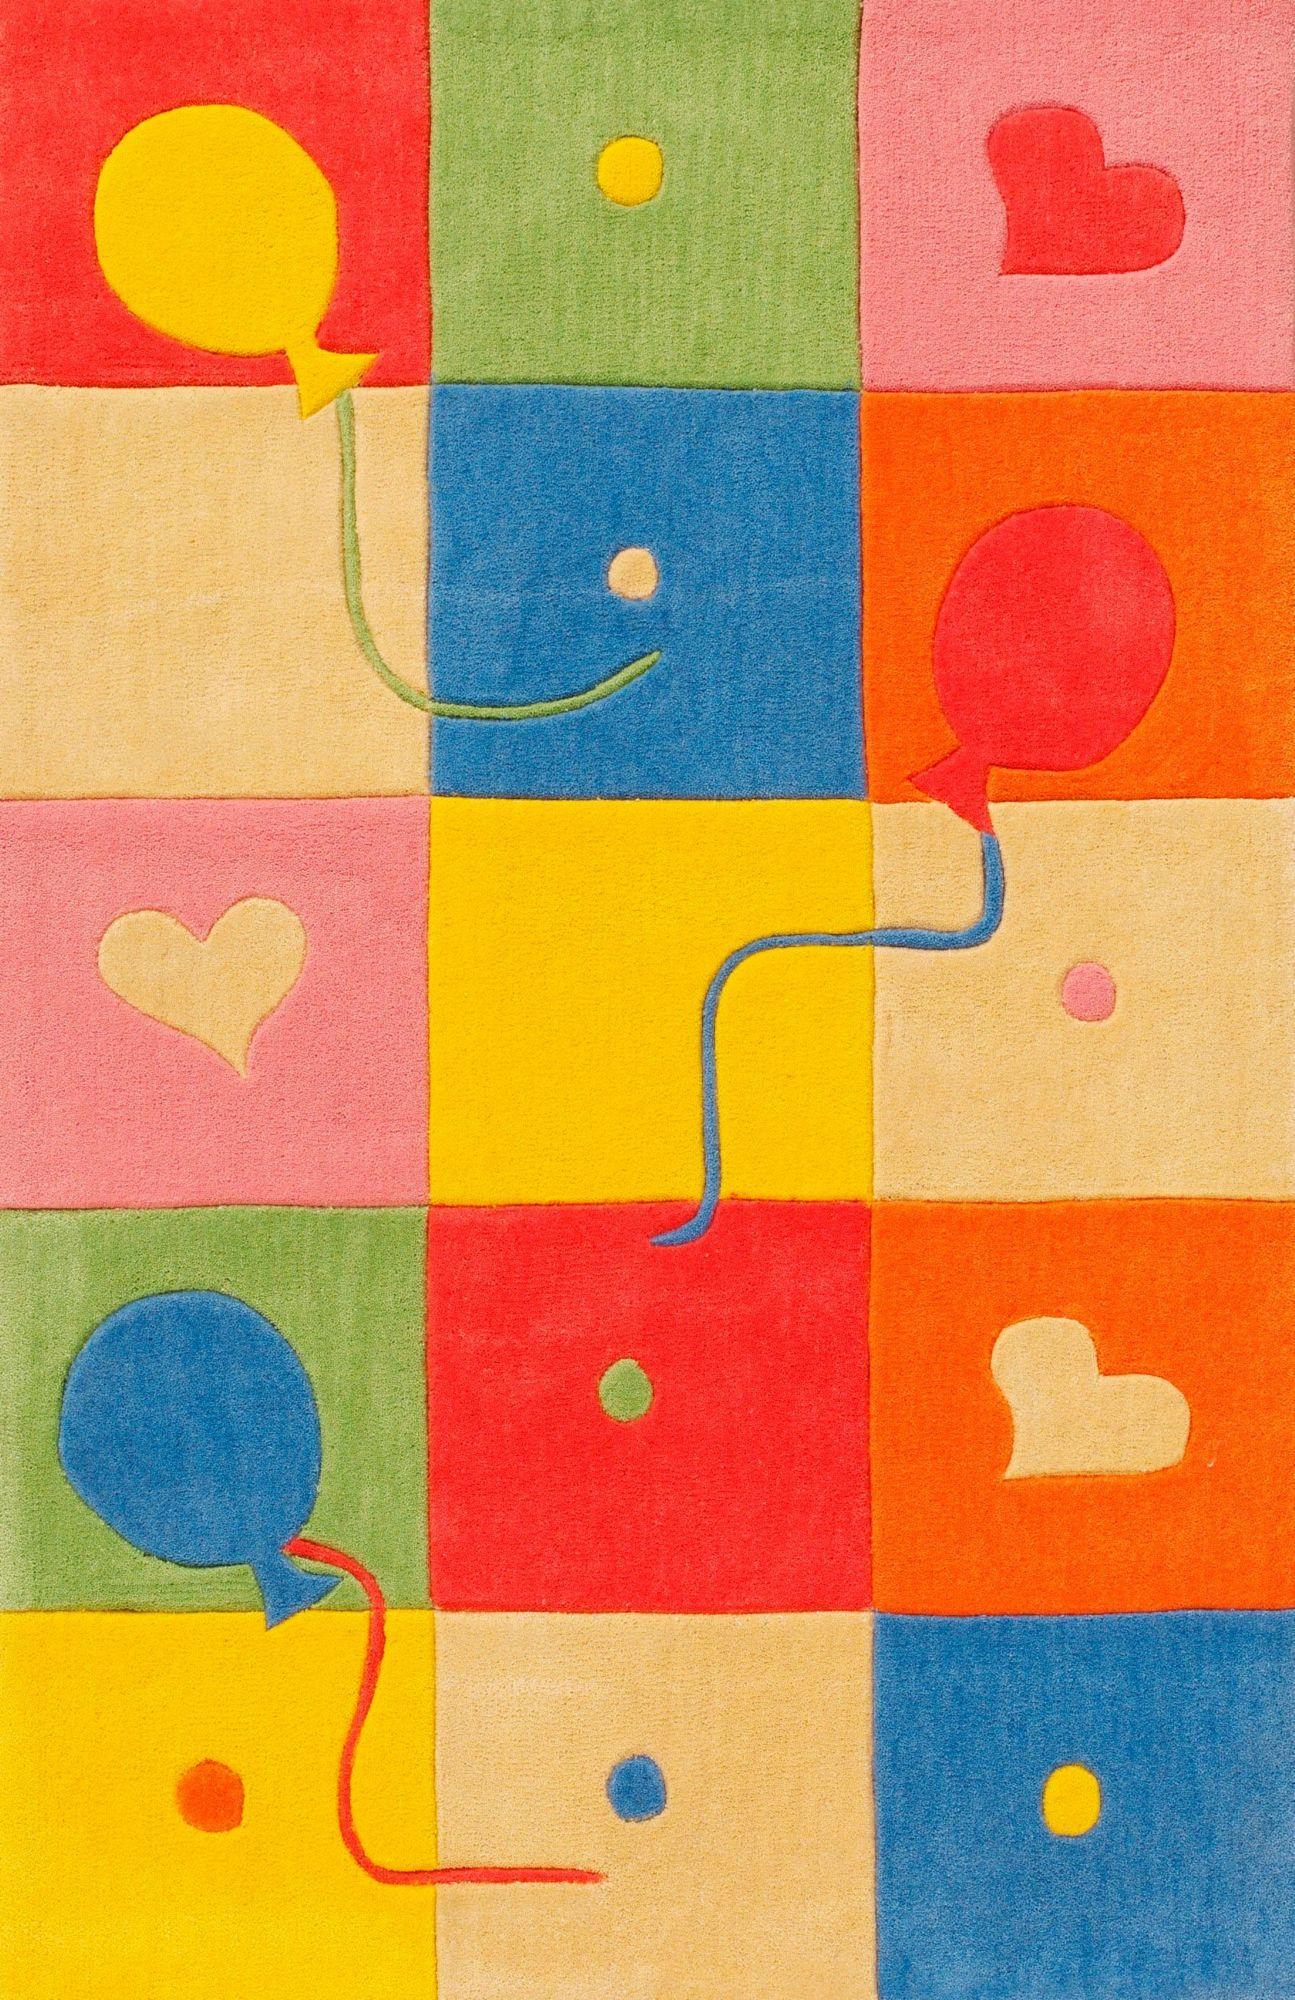 BÖING CARPET Kinder-Teppich, Böing Carpet, »Kids 1361«, Höhe 11 mm, handgetuftet